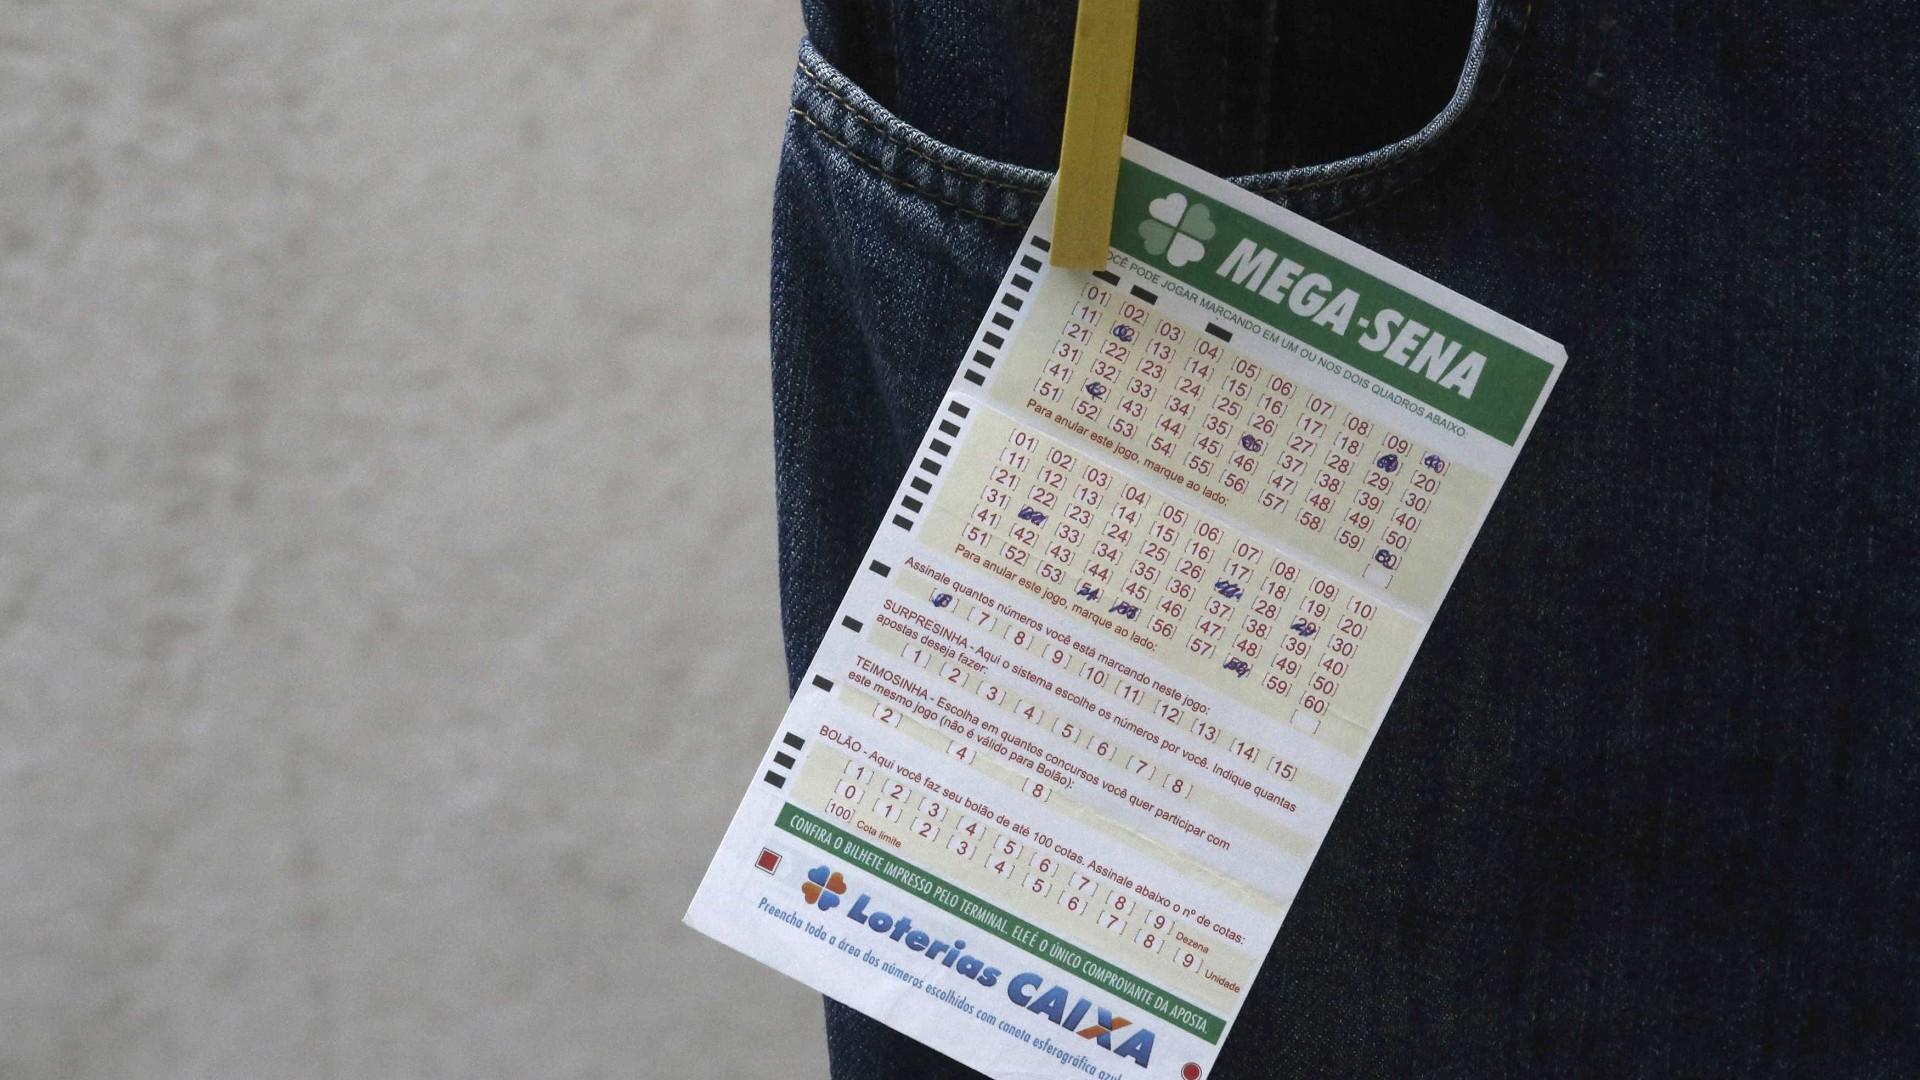 52 apostadores vencem Mega da Virada; cada um receberá R$ 5,8 milhões